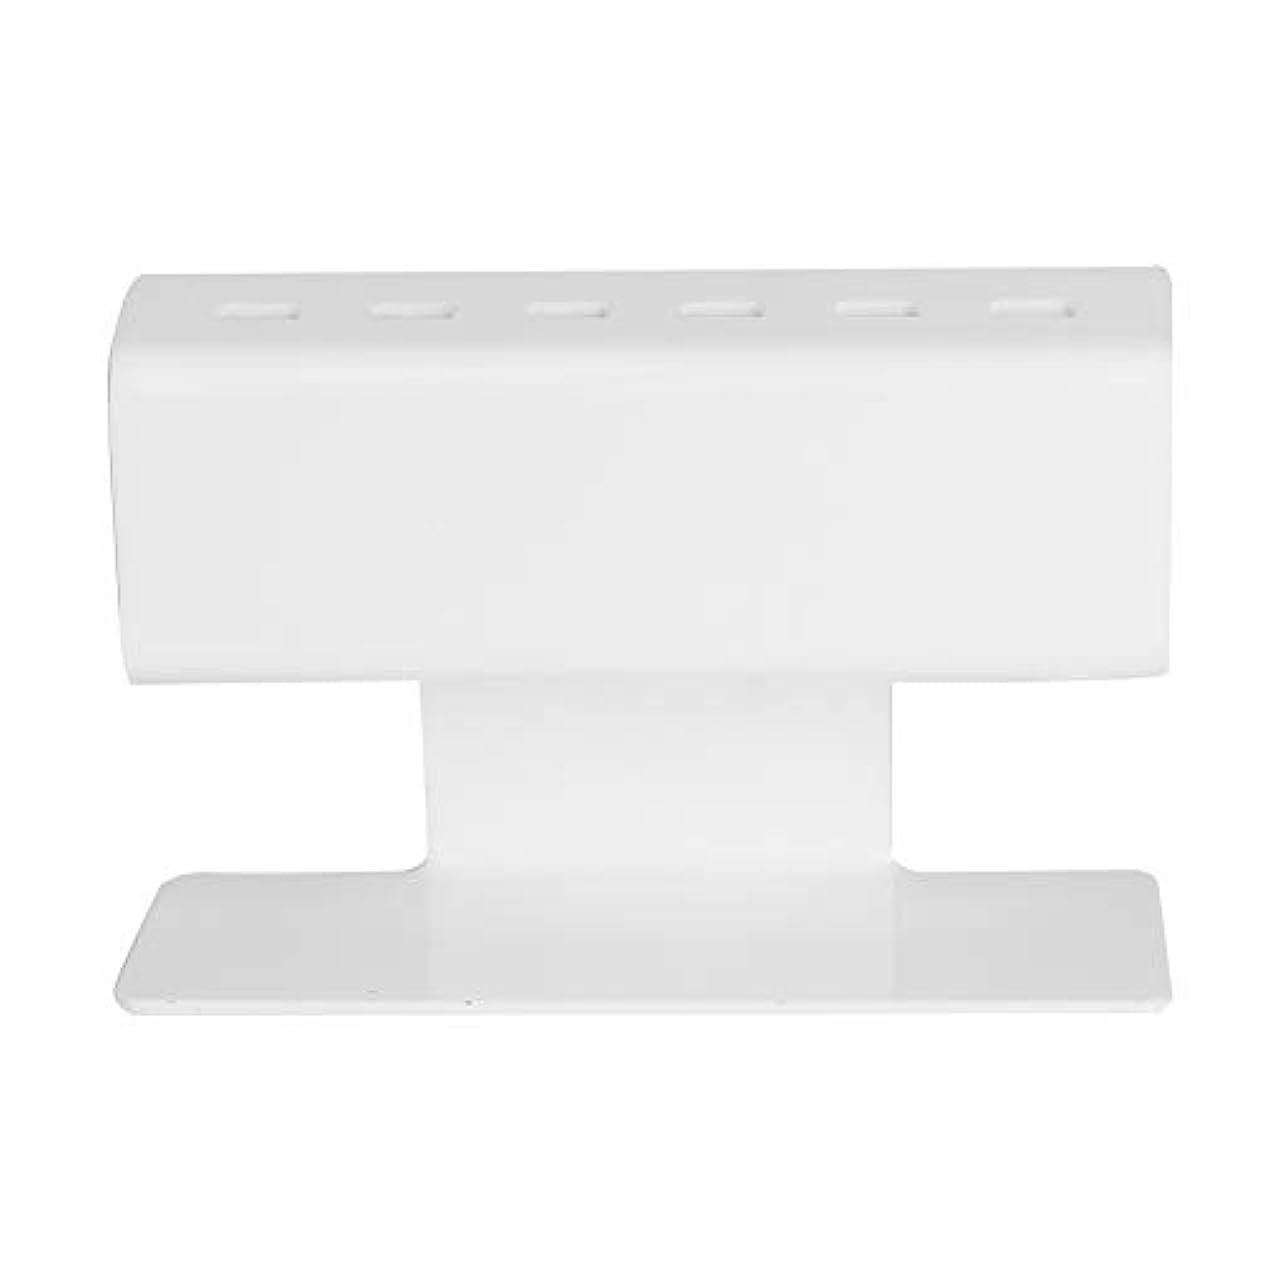 可能性干ばつ干ばつピンセットシェルフホルダー、まつげ延長プラスチック6個セットピンセットスタンドの位置(白い)